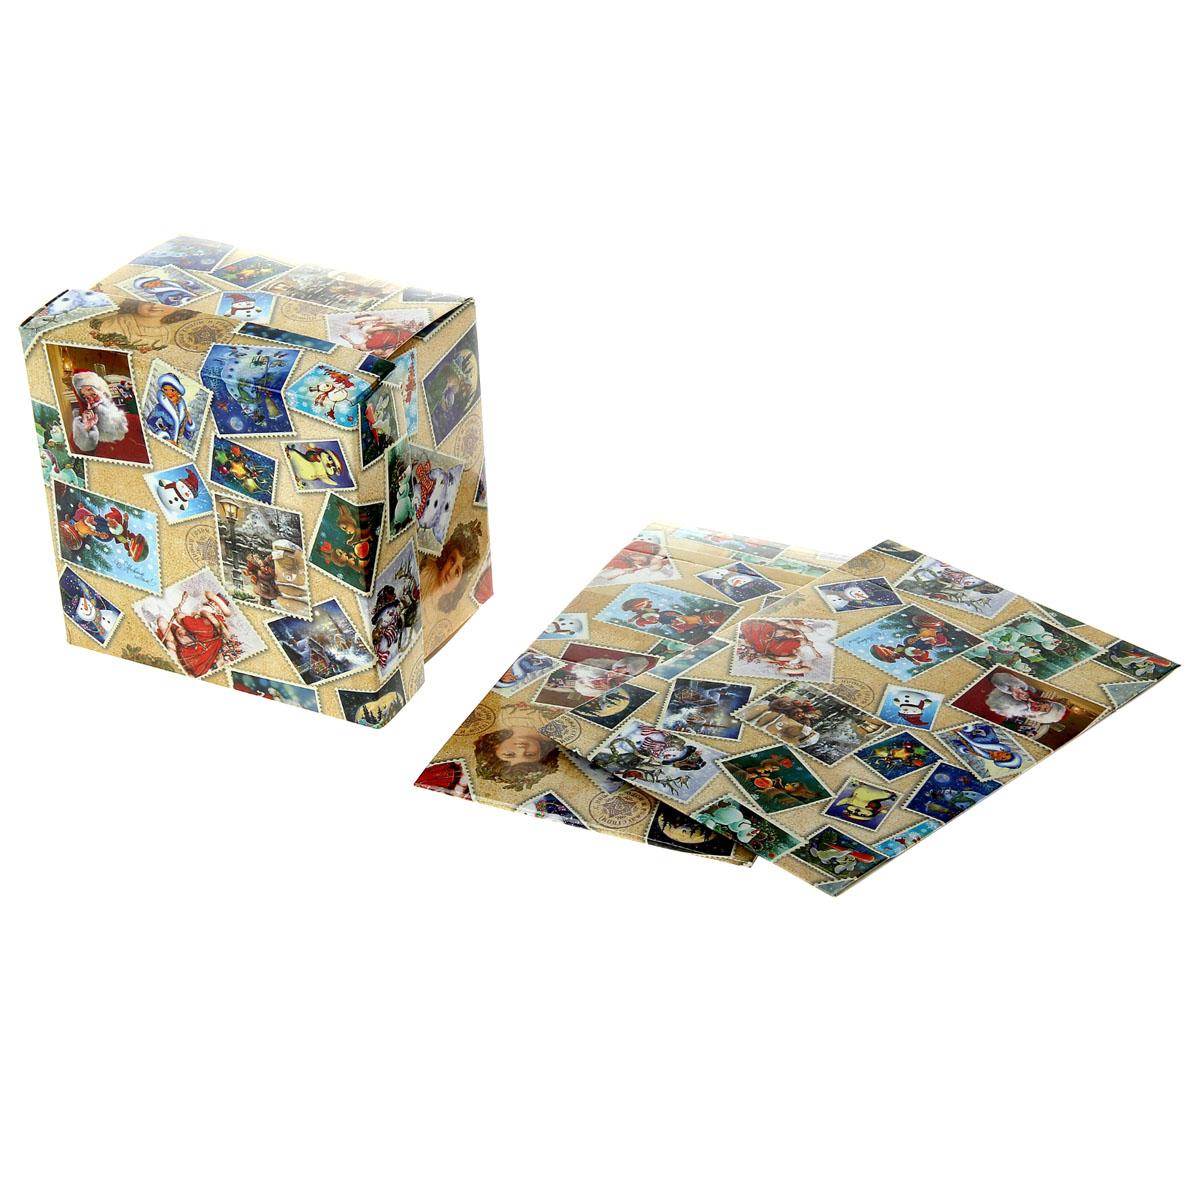 Коробка подарочная Марки, сборная, 15,3 х 15,3 х 11 см 806128806128Подарочная коробка Марки выполнена из плотного картона с красочным оформлением. Она легко собирается. Для коробки предусмотрена крышка. Какой бы замечательный подарок вы не подобрали для близкого человека, не стоит забывать, что и его праздничное оформление - ответственный этап. Первое впечатление - очень важно, а неопрятный внешний вид может полностью его испортить. Подарочная коробка Марки - прекрасный образец для достойного оформления, который радует глаз своей красотой.